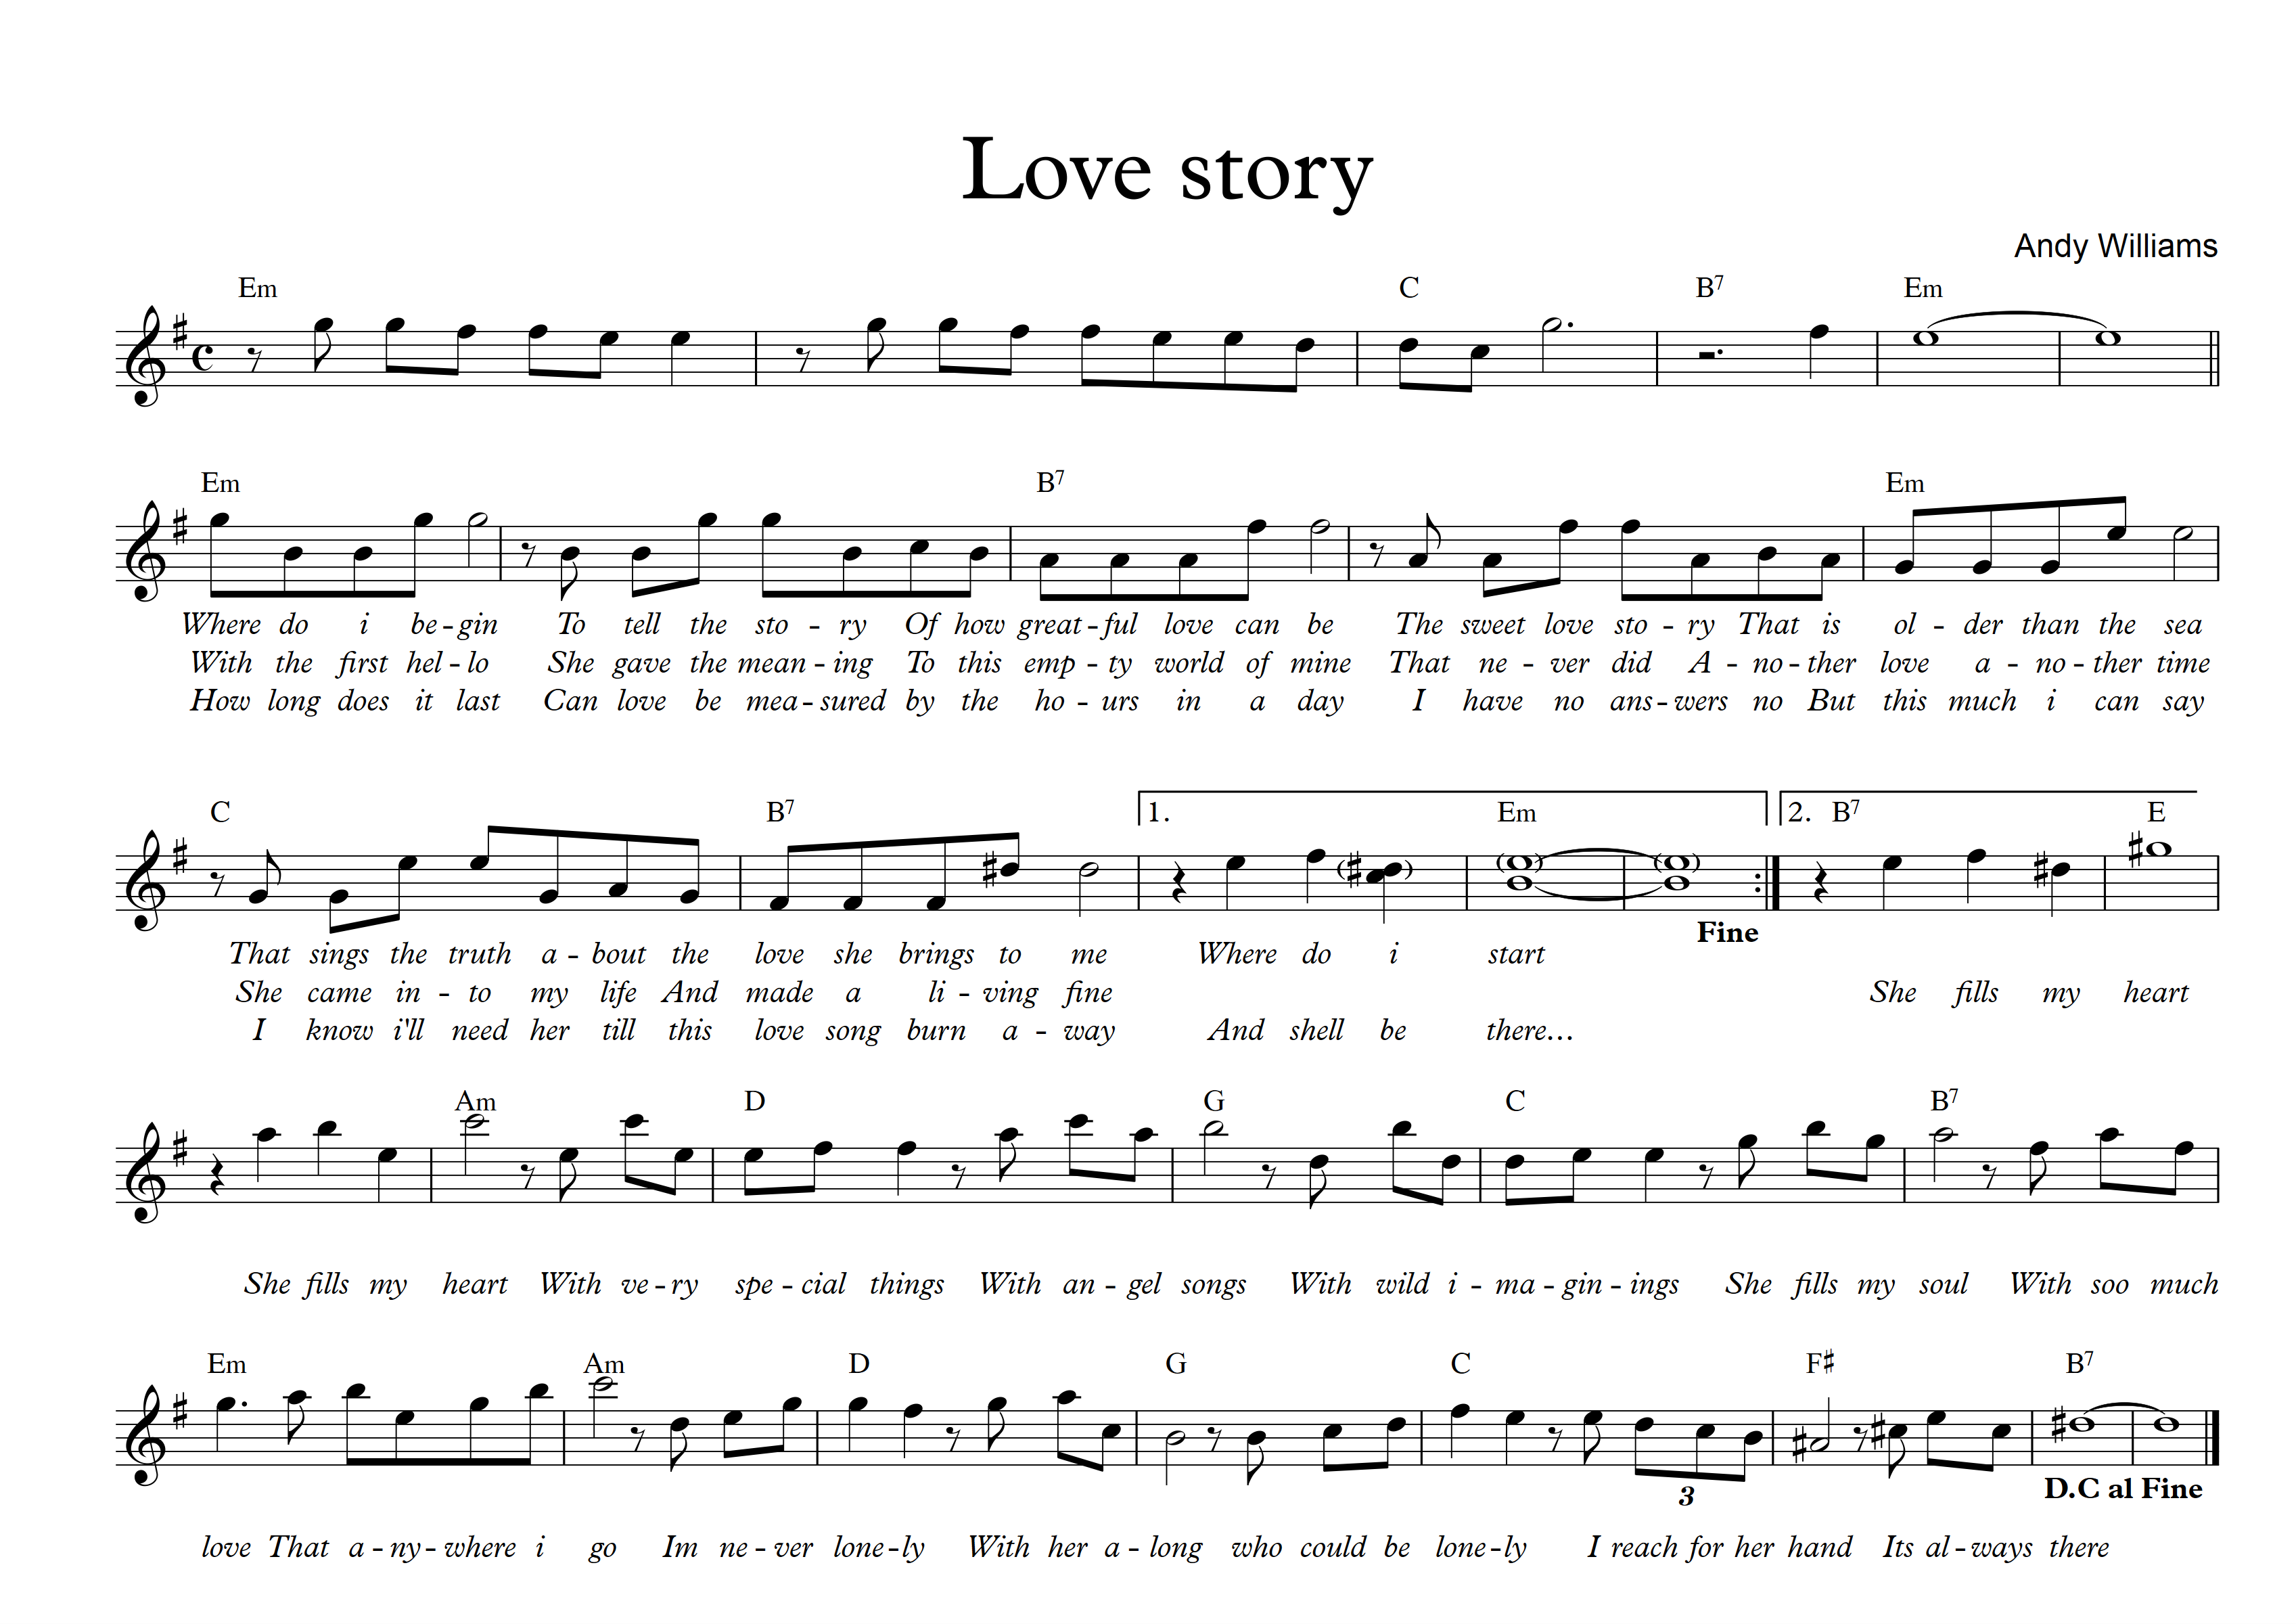 Love story - Em